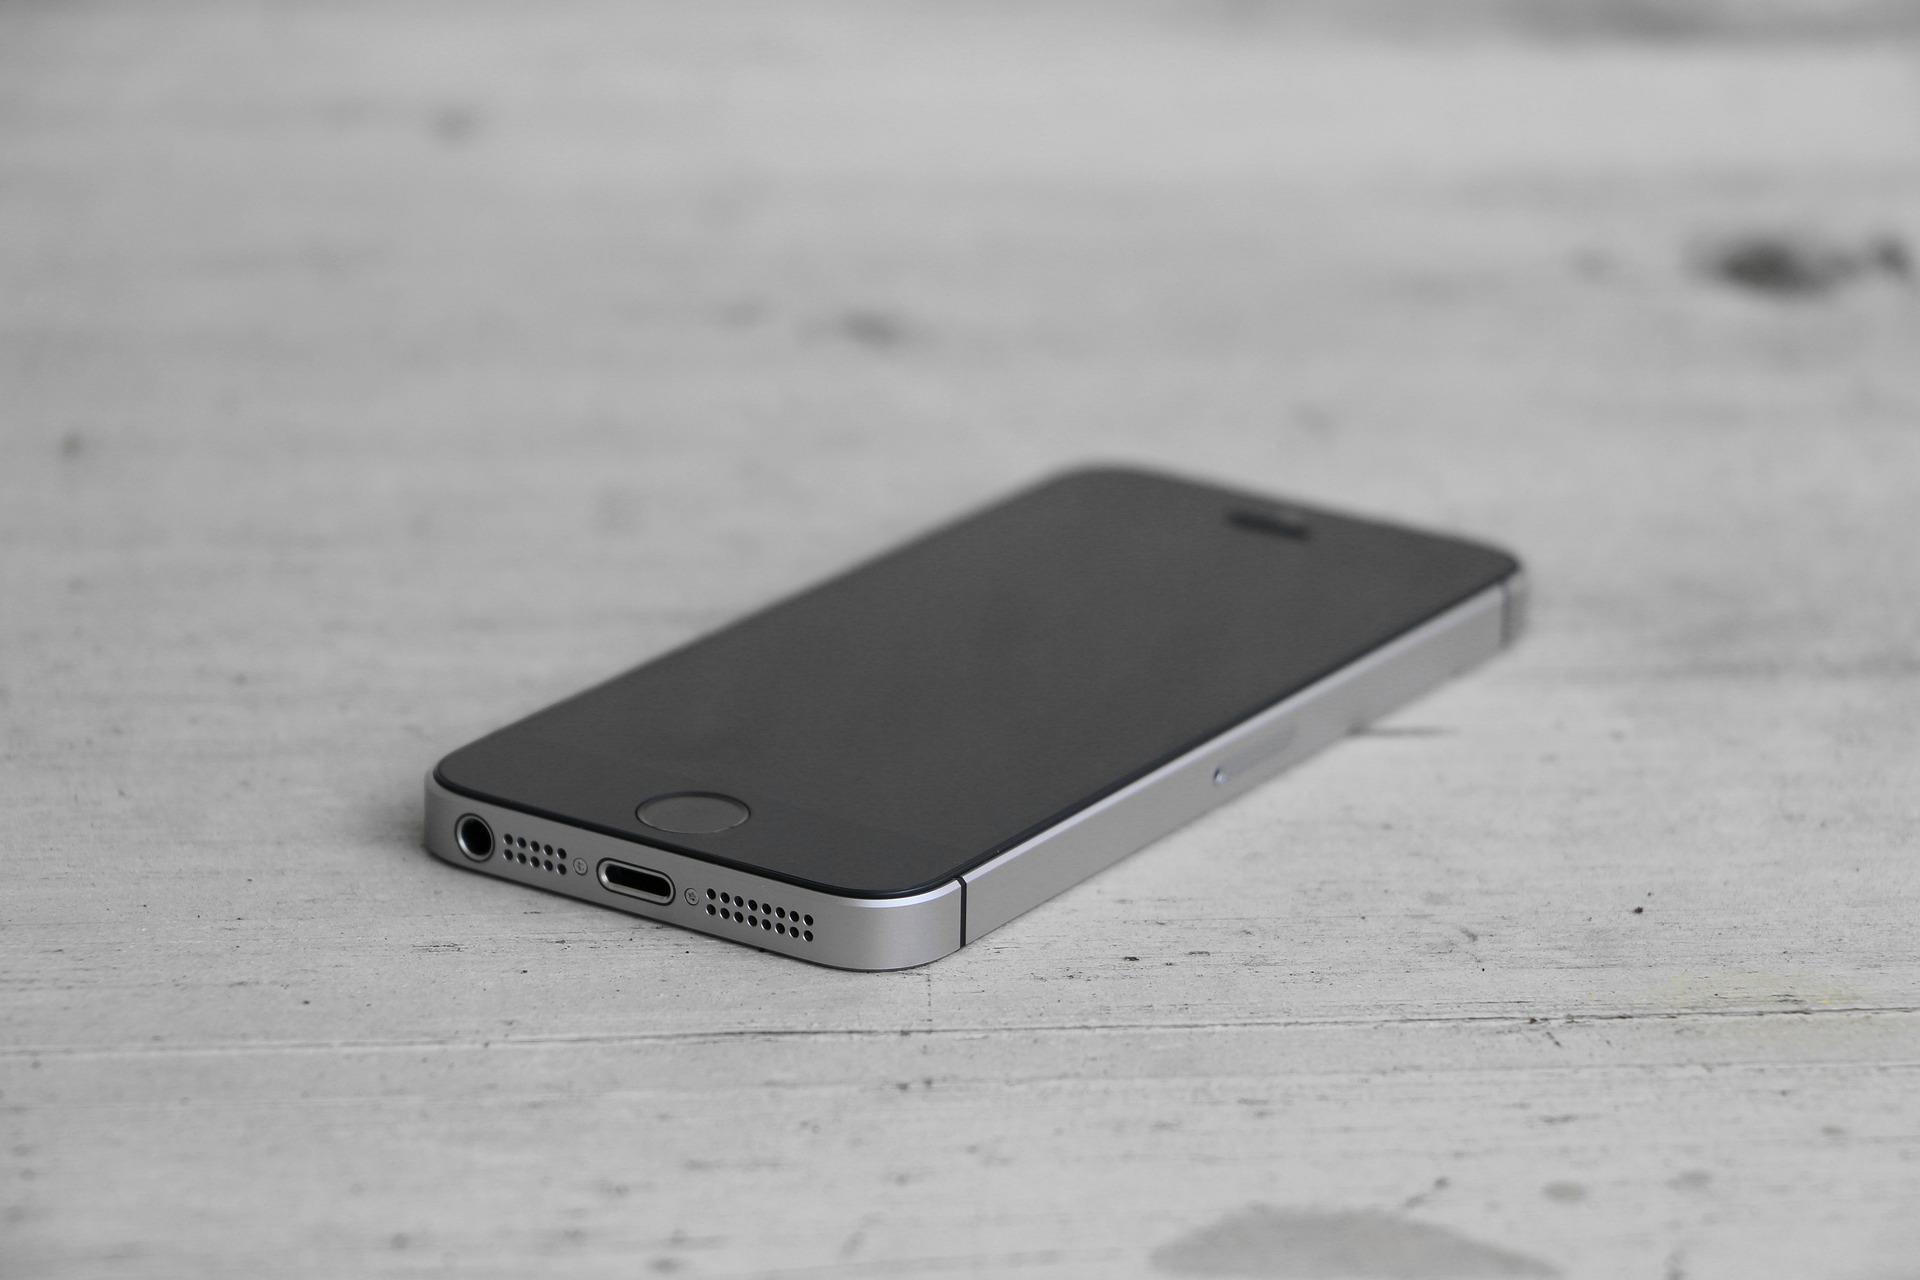 Cena nowego iPhone'a SE ma być wyjątkowo kusząca